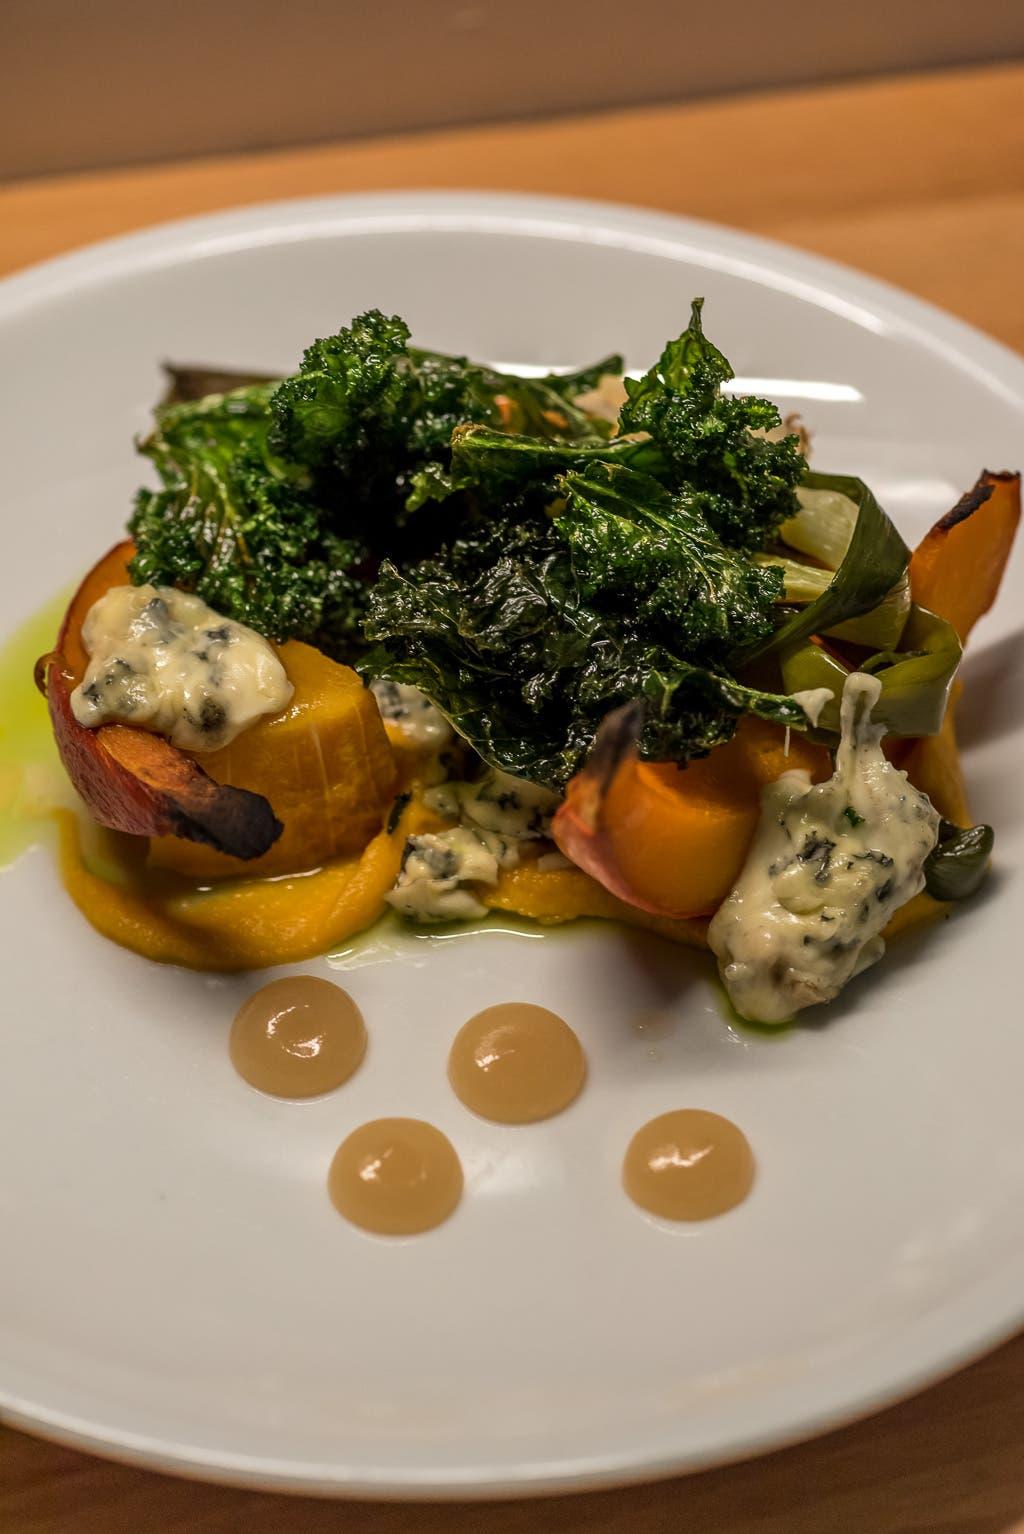 geschmortes Gemüse auf weißem Teller von leicht erhöhter Perspektive